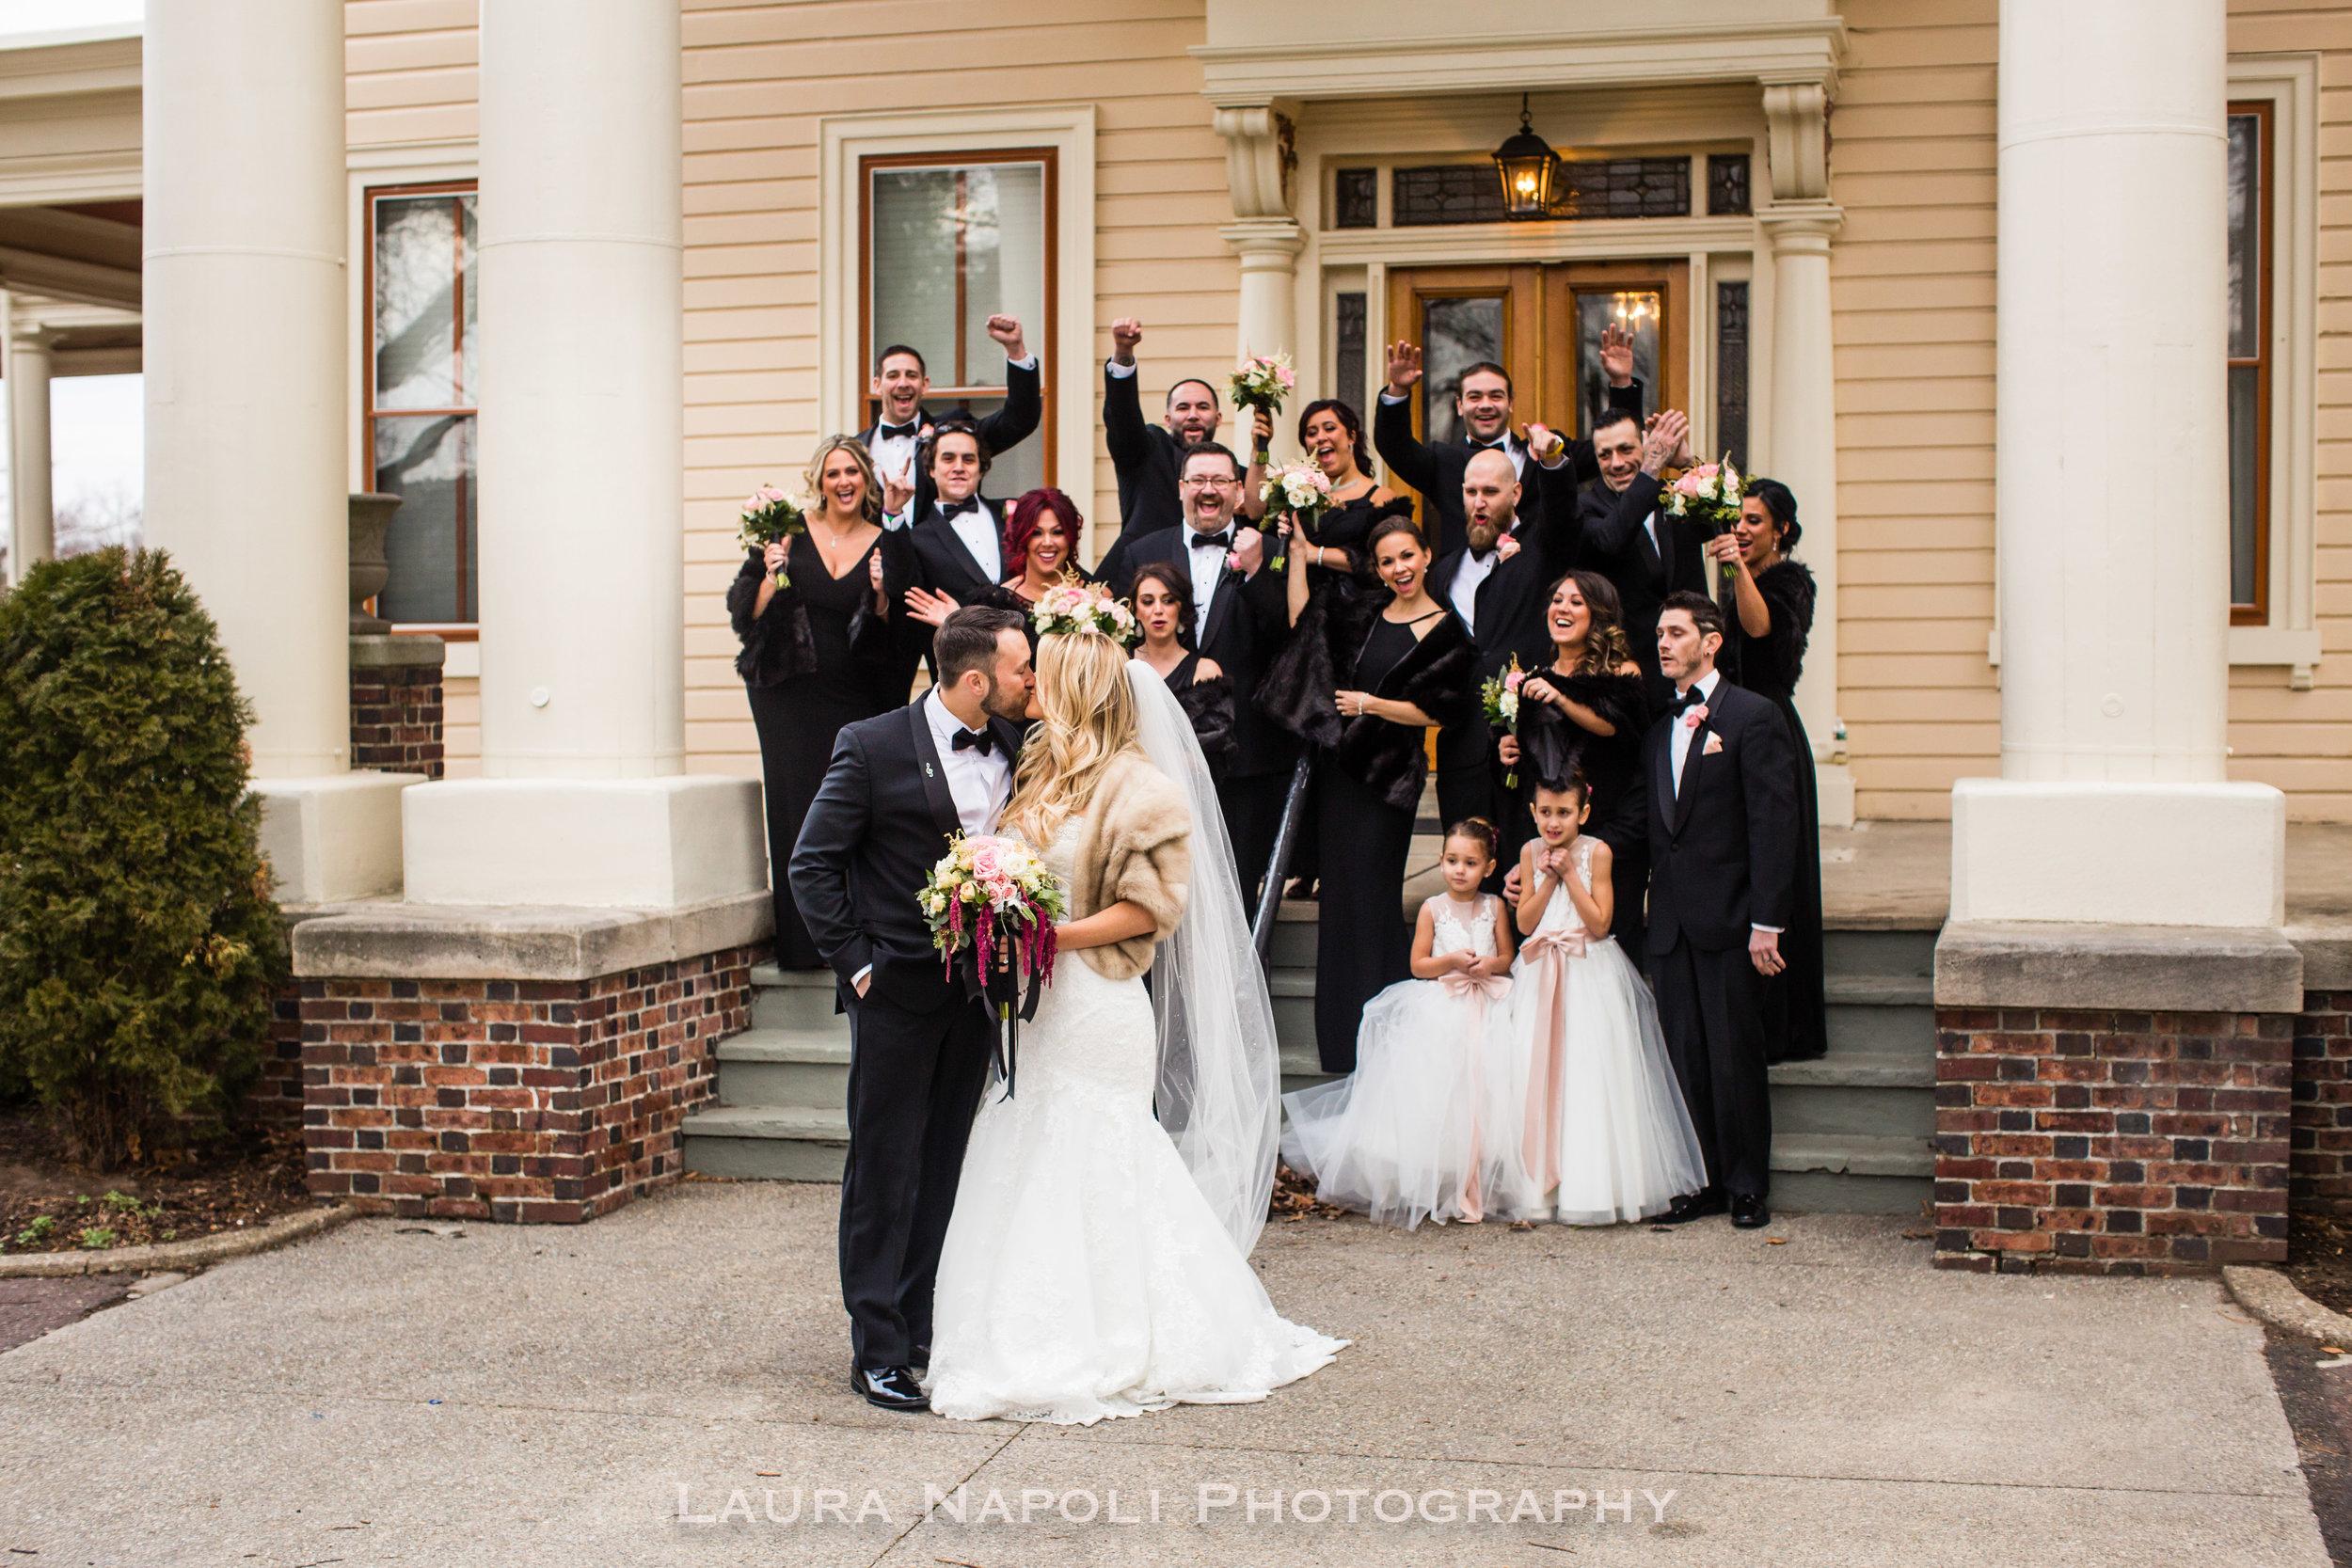 Collingswoodballroomweddingcollingswoodnj-32.jpg